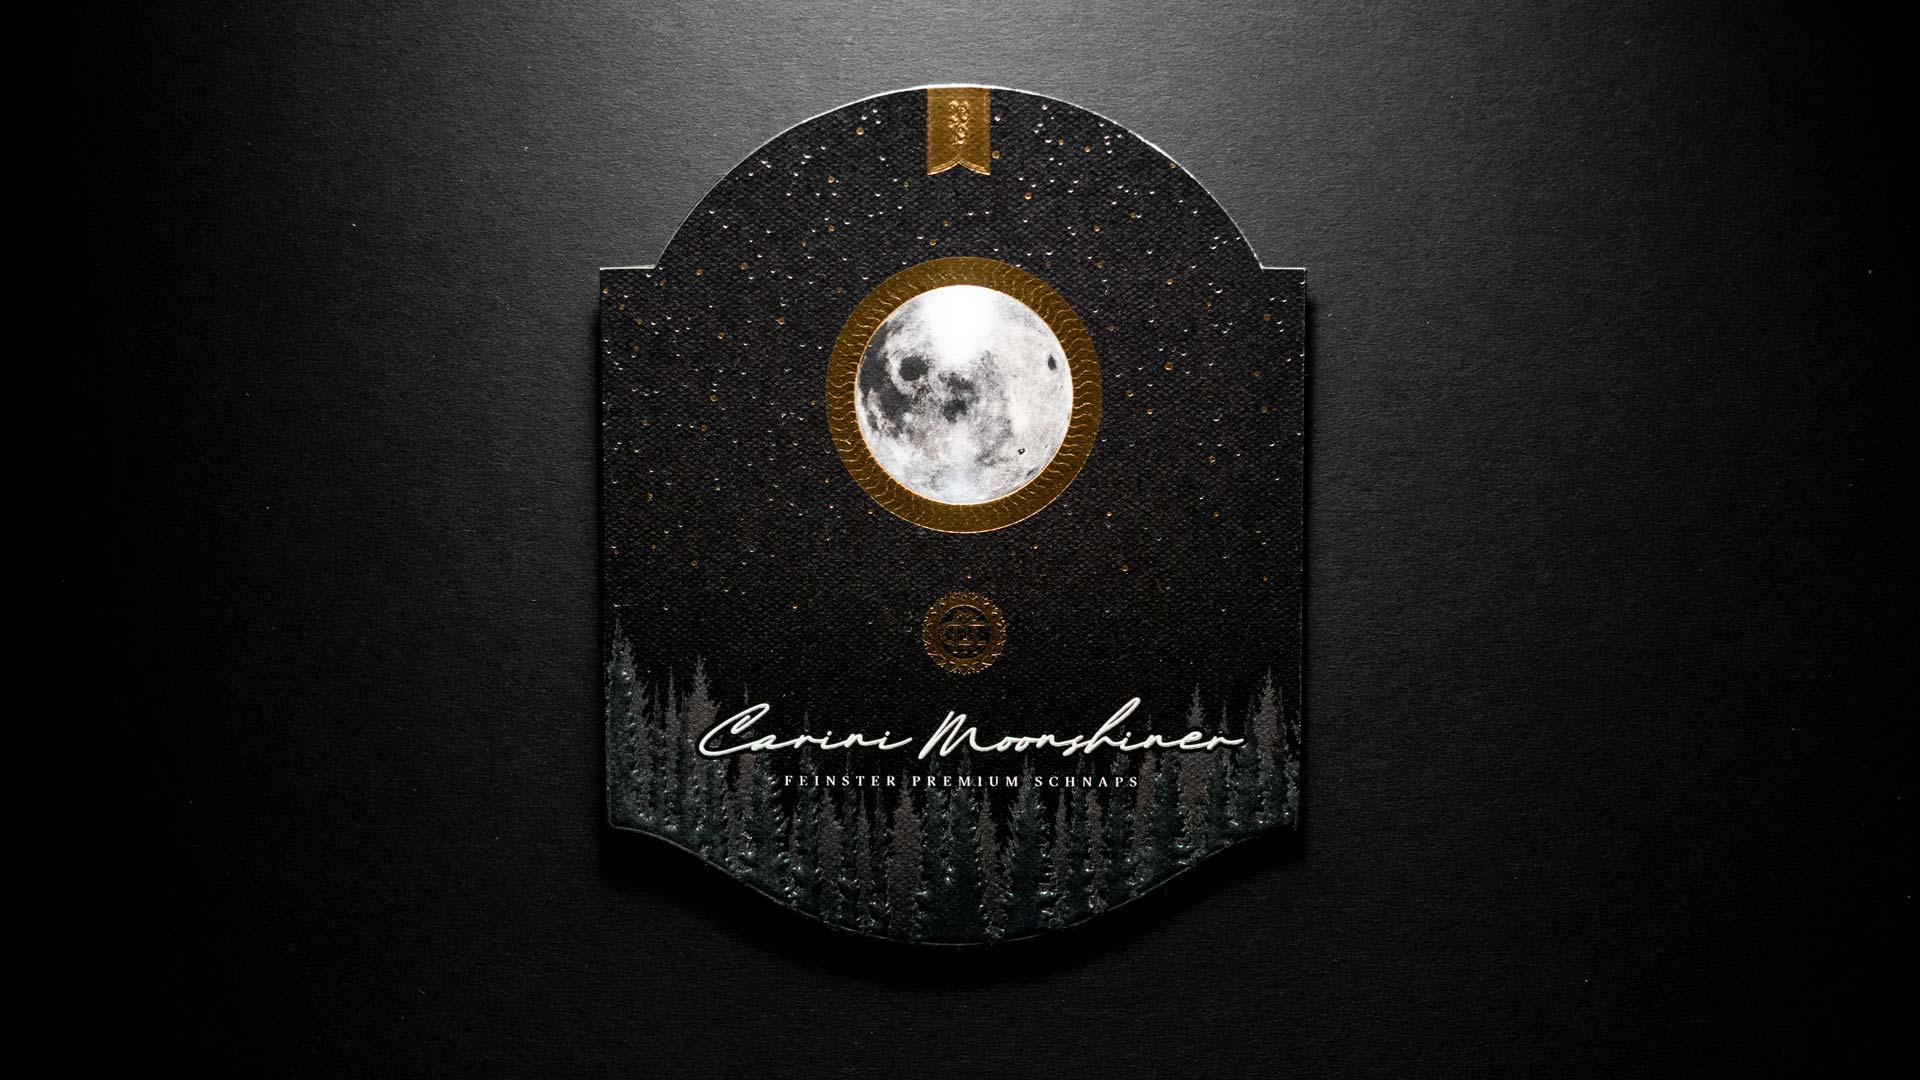 Carini Moonshiner